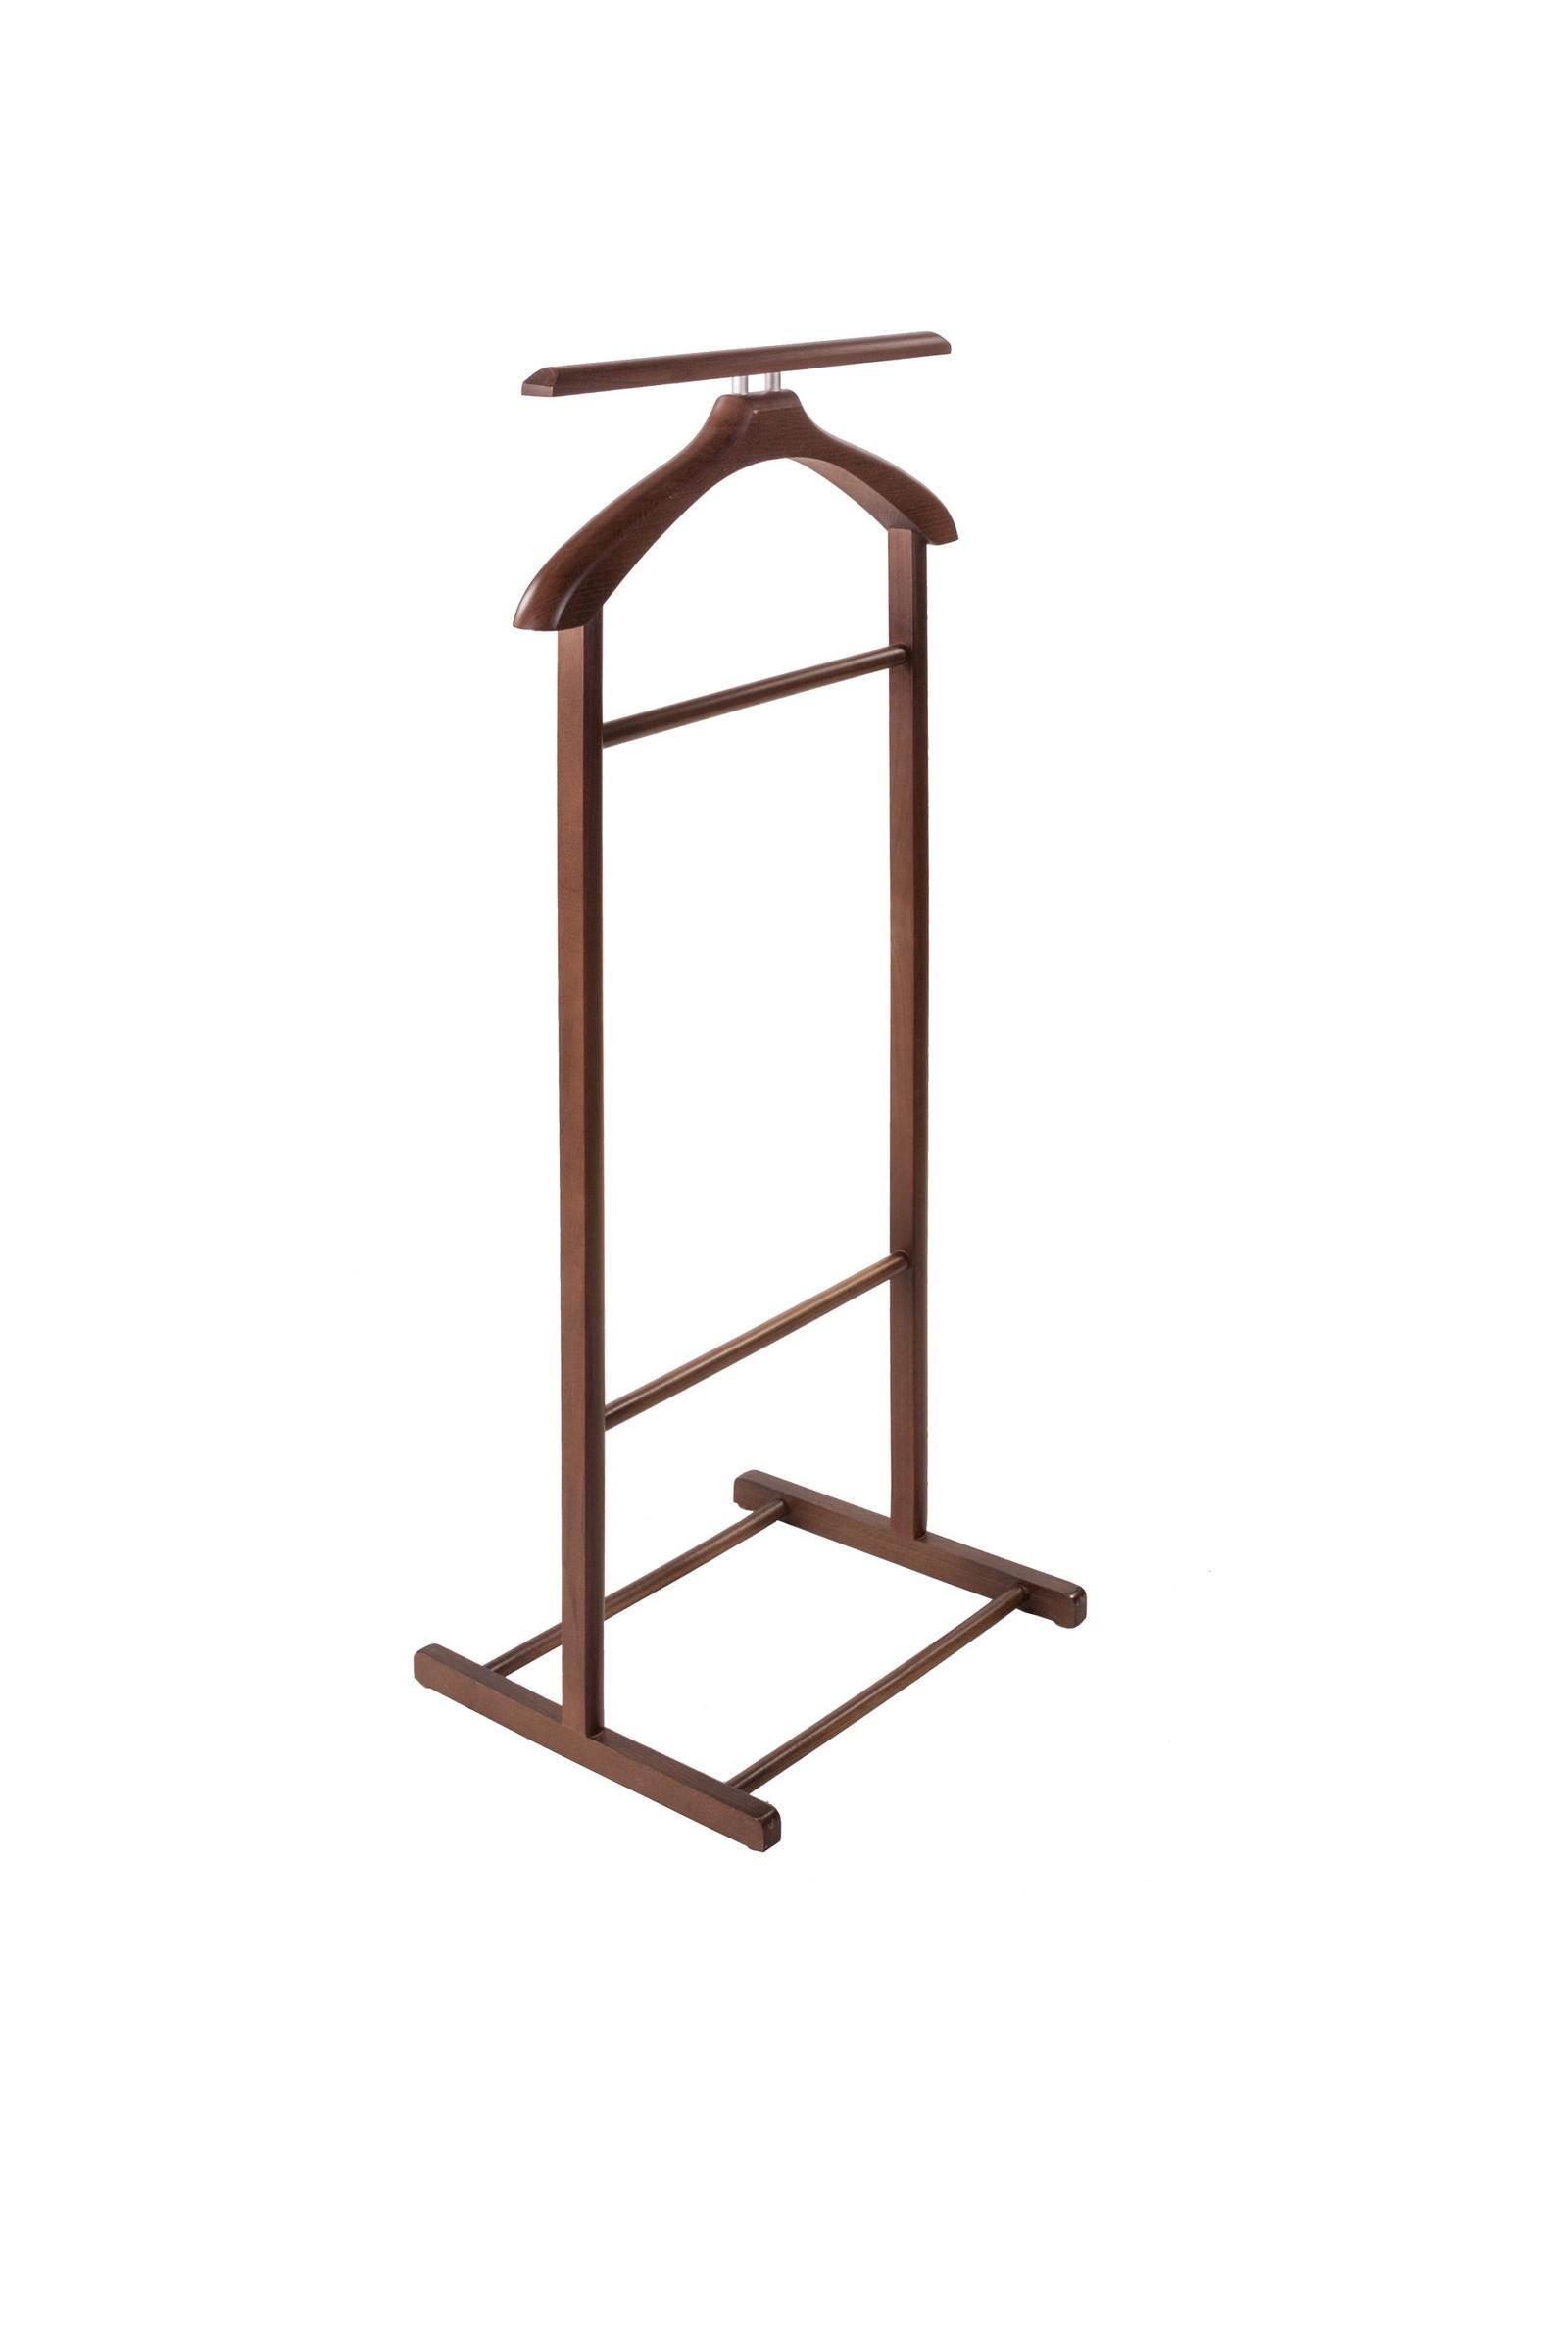 Вешалка напольная Прайм Модель 1, коричневый вешалка напольная петроторг вешалка корпусная а 2501 хром